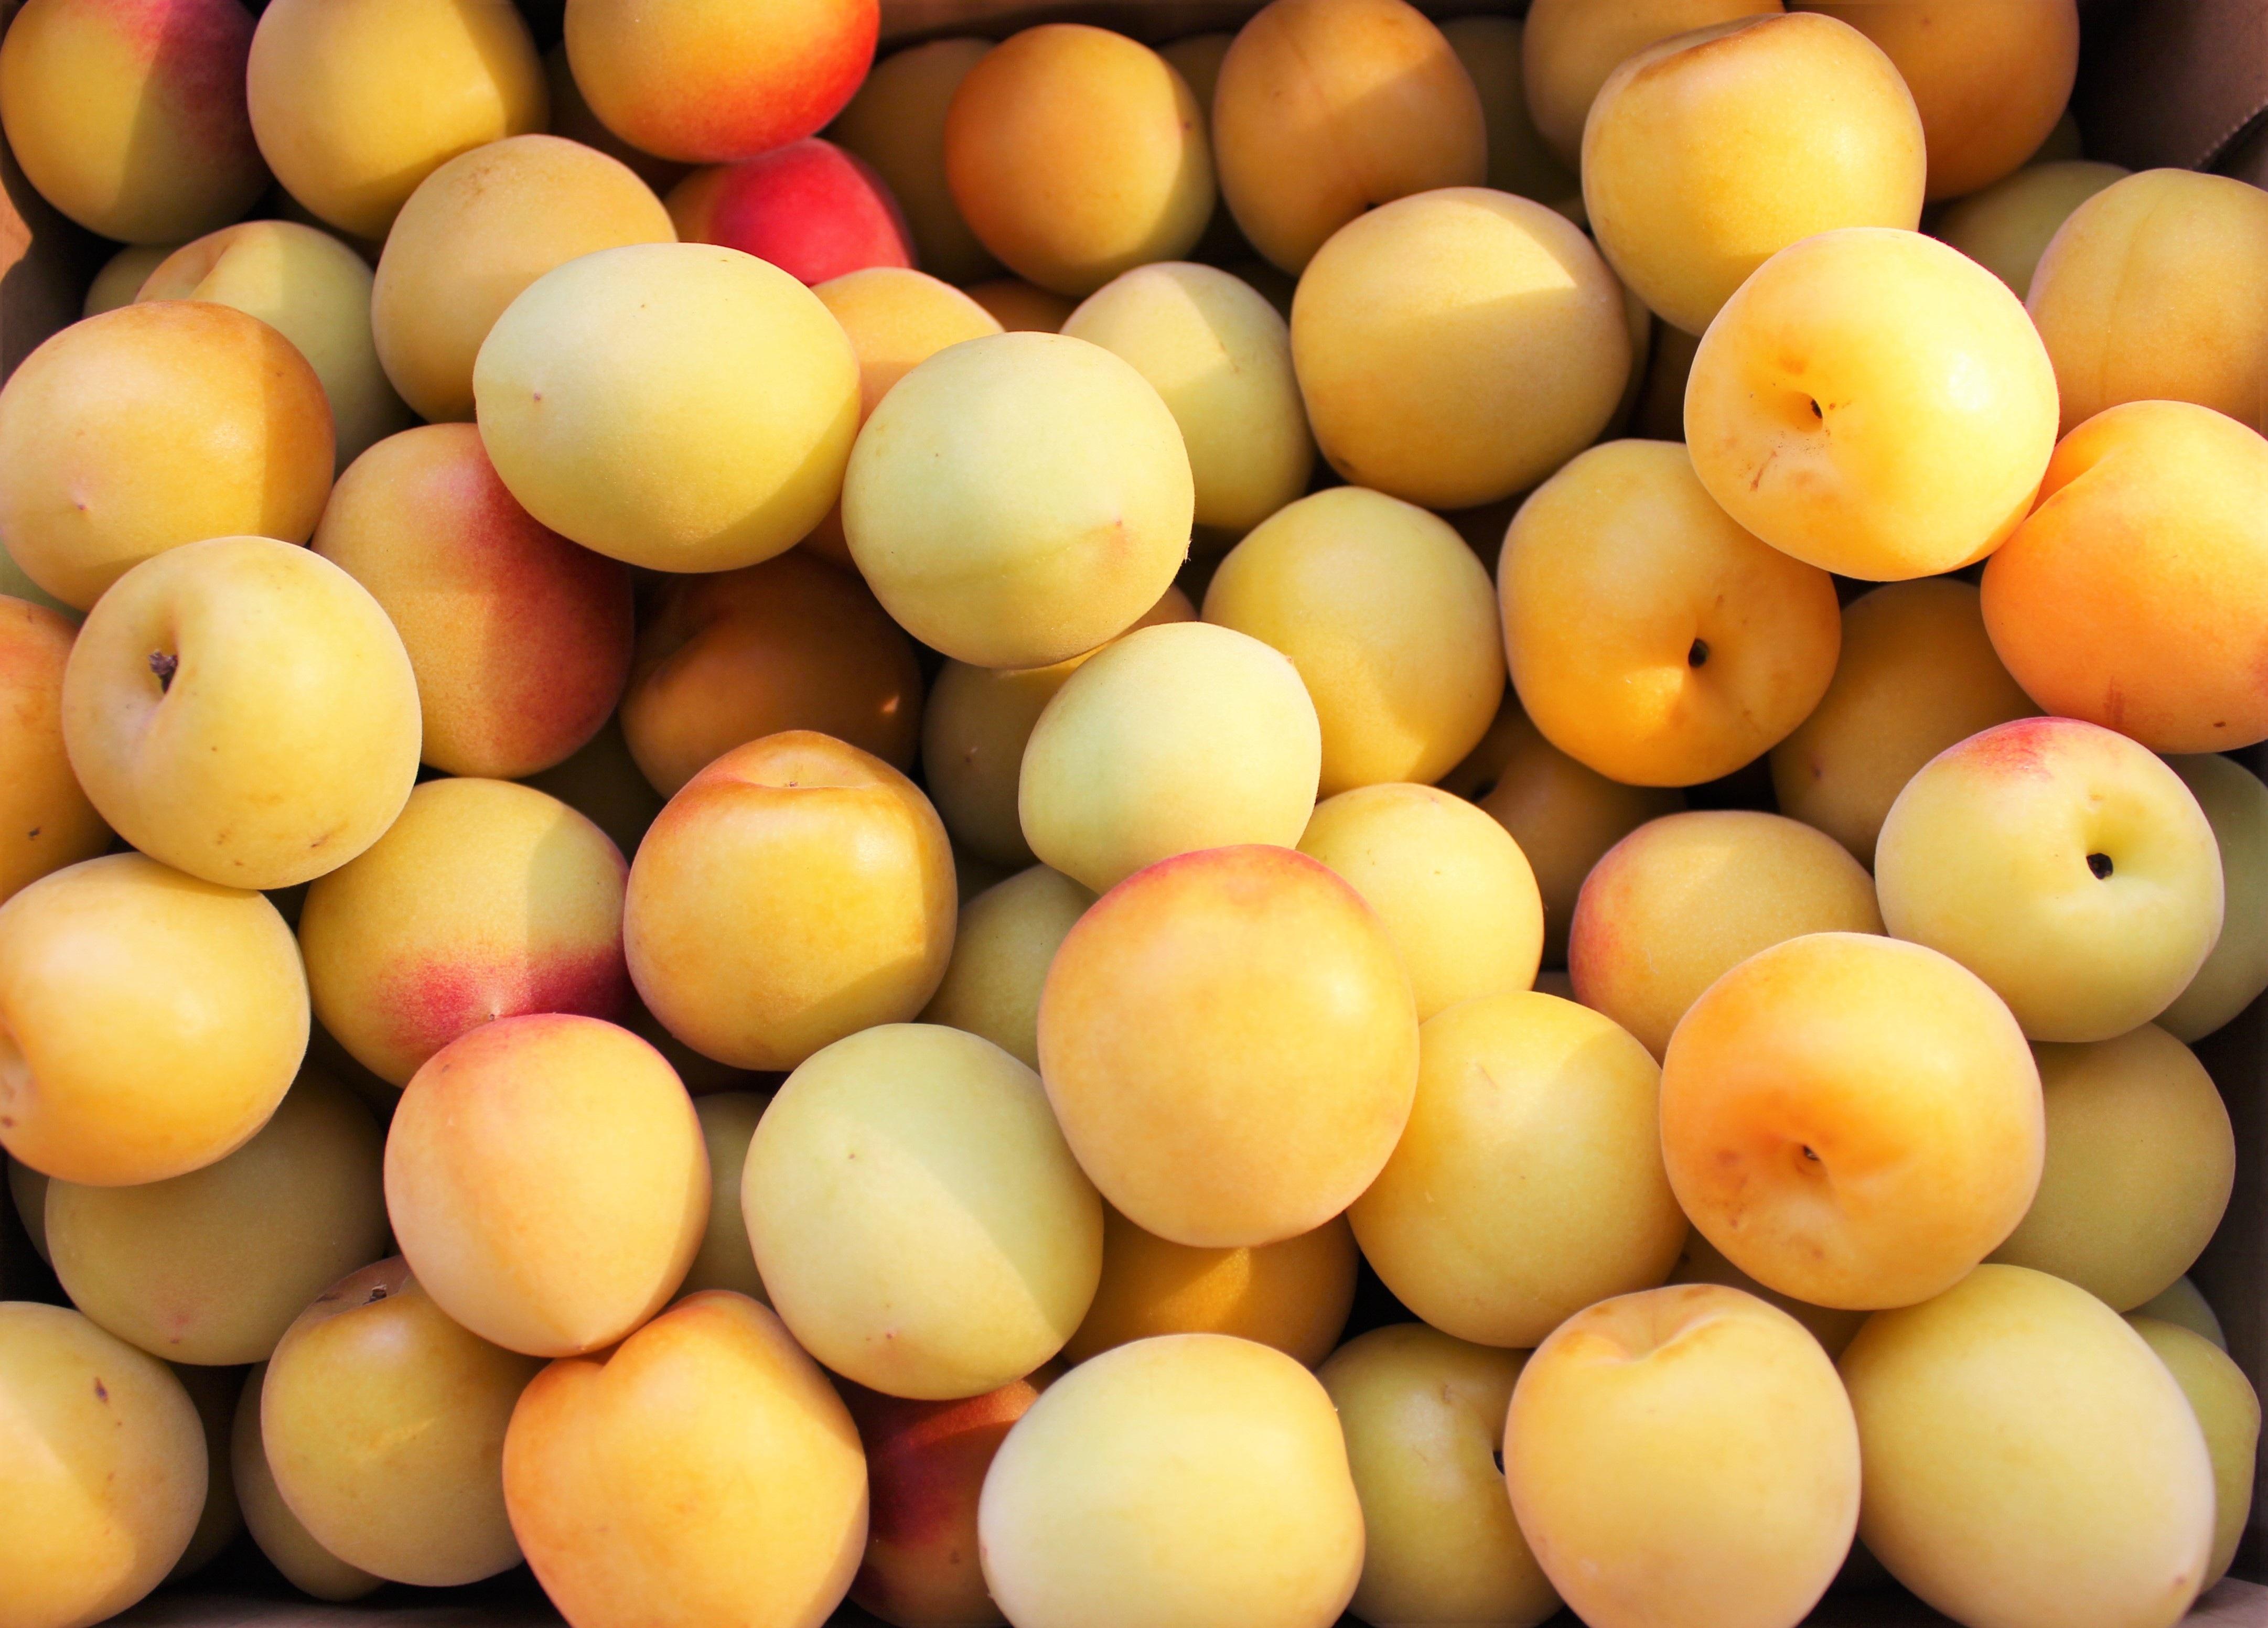 menanam buah bunga makanan menghasilkan kuning prem aprikot acar Juni bahan tanaman berbunga keluarga mawar plum